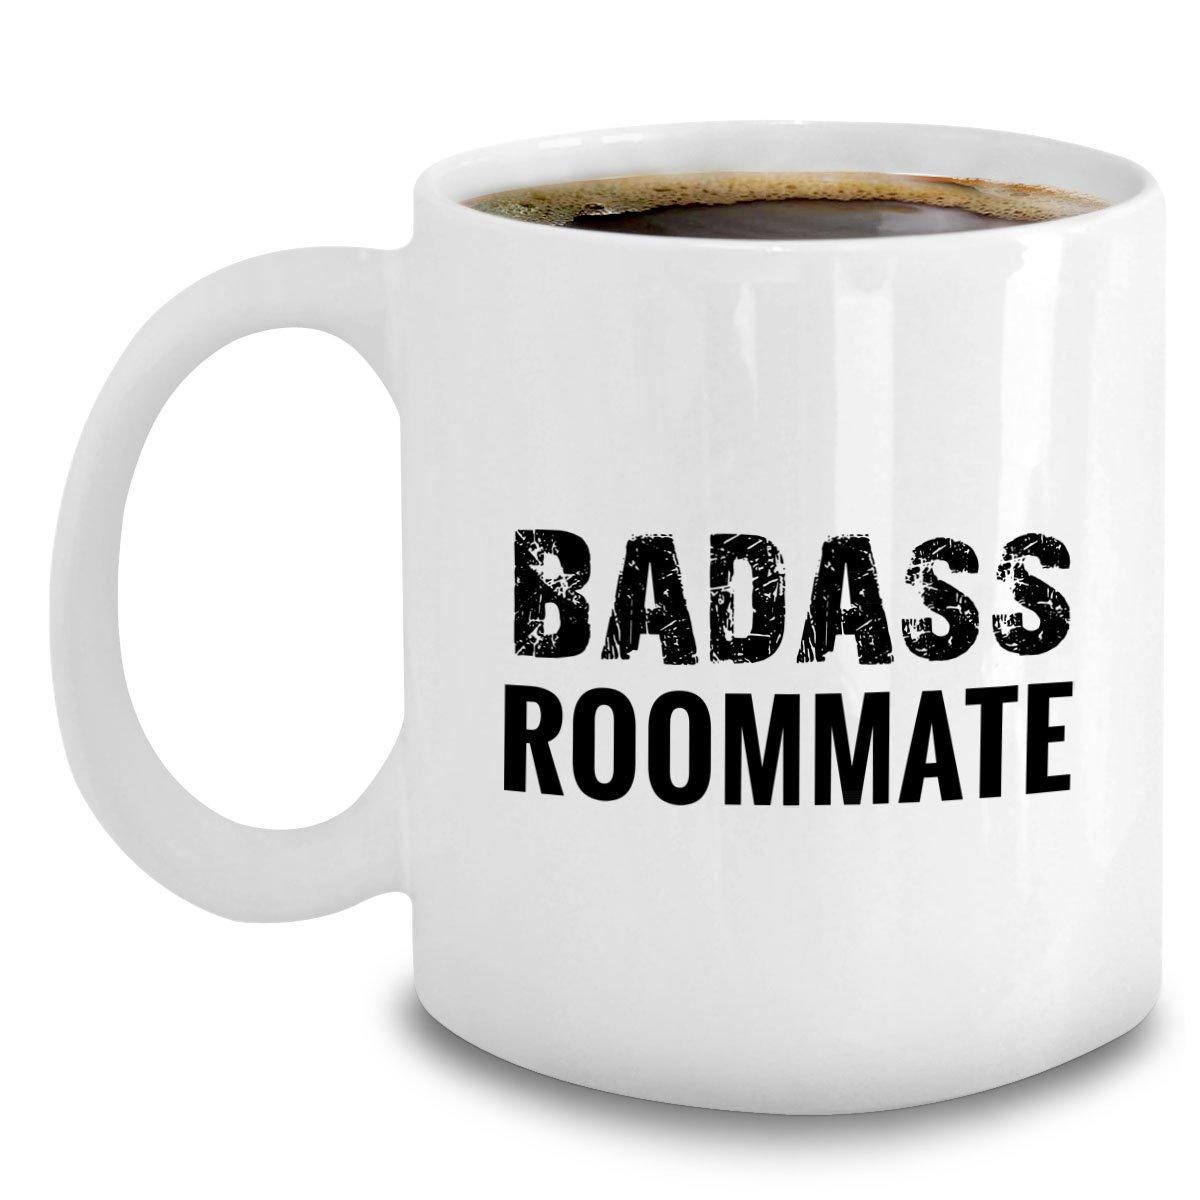 Amazoncom Roommate Coffee Mug Funny College Roommates